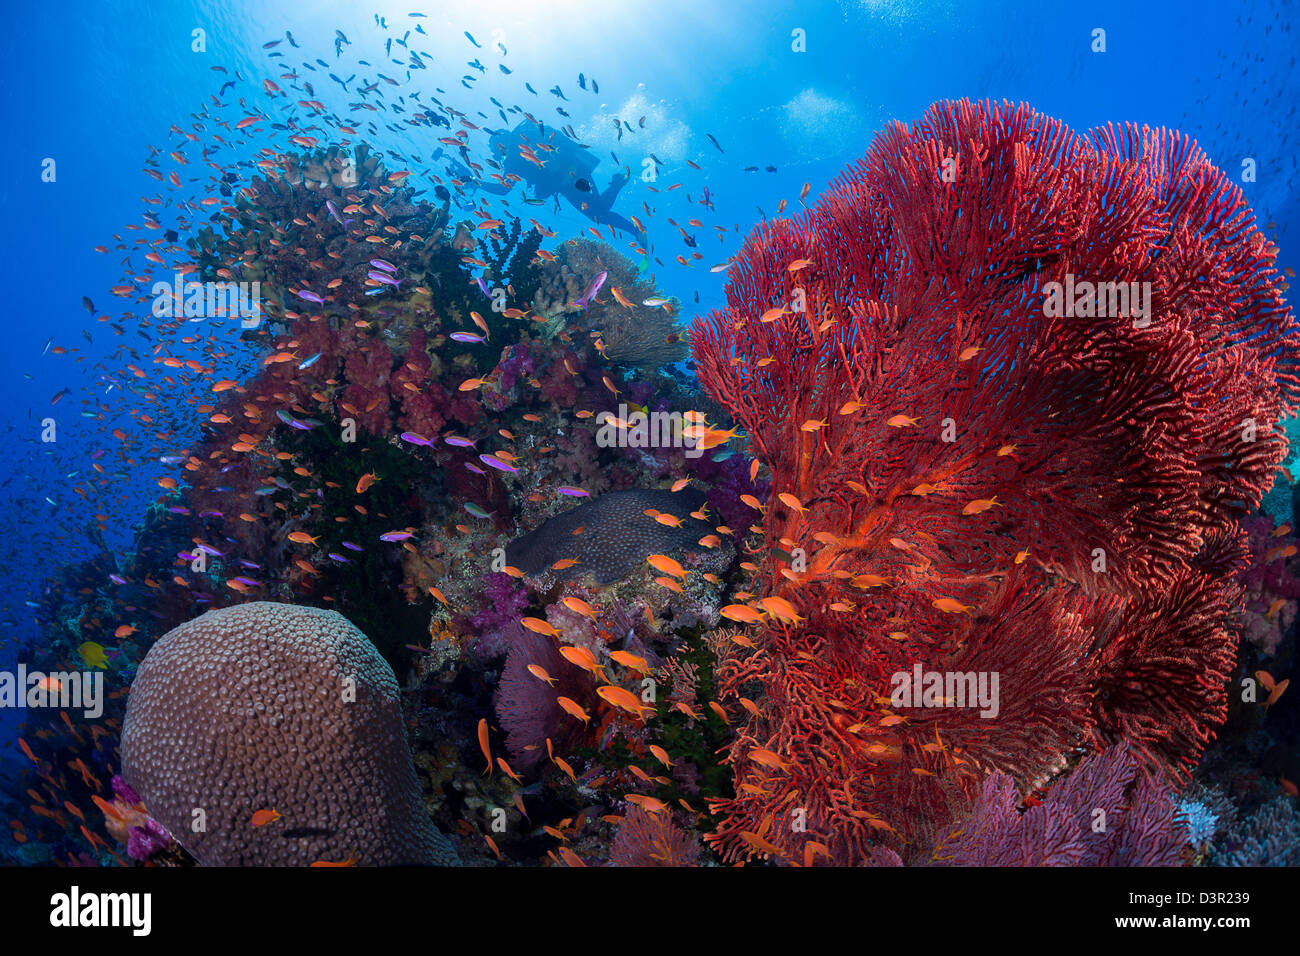 Un plongeur avec alconarian gorgones et corail avec scolarisation anthias dominent ce reef scène fidjienne. Photo Stock